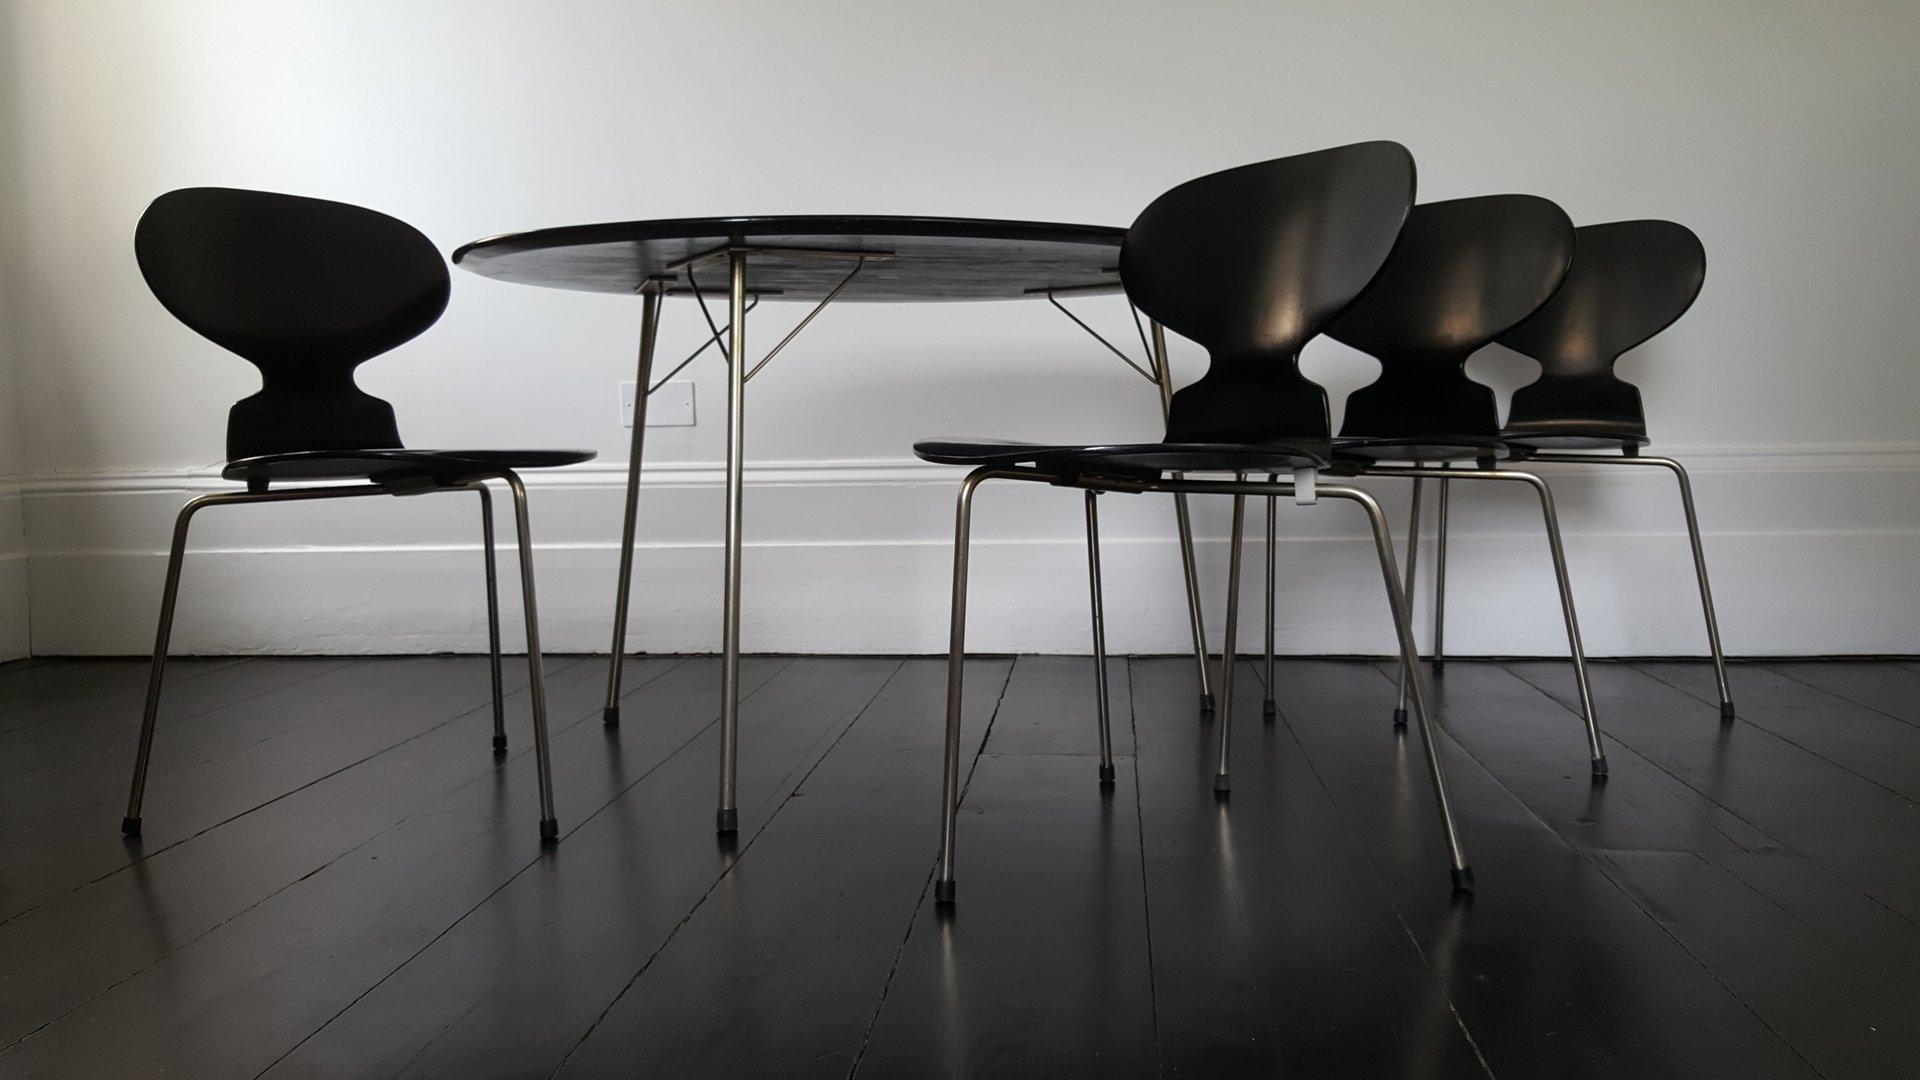 egg tisch ant st hle esszimmer set von arne jacobsen f r. Black Bedroom Furniture Sets. Home Design Ideas